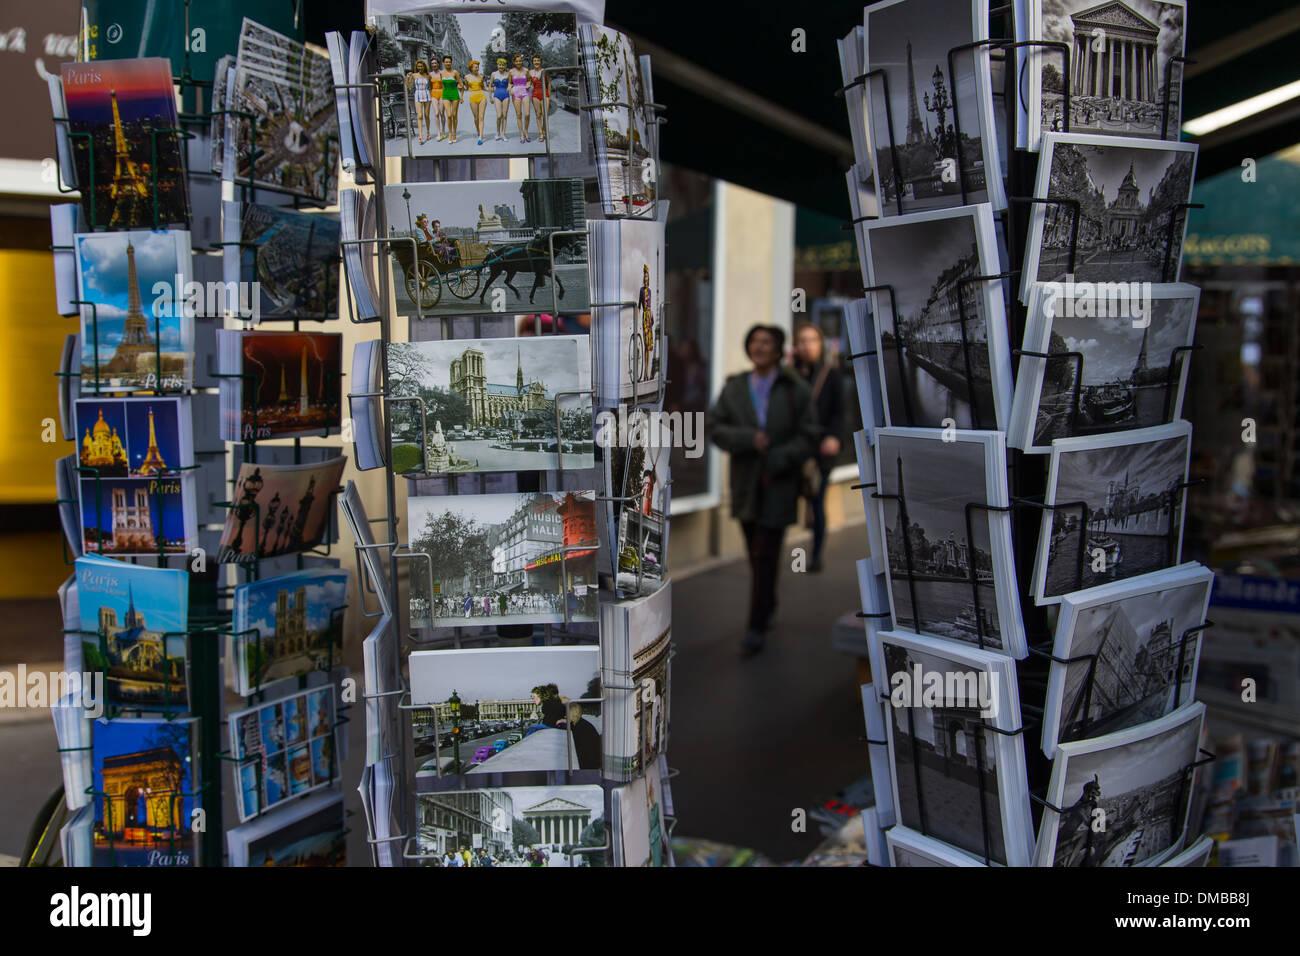 OLD POSTCARDS OF PARIS, SAINT-GERMAIN-DES PRES, 6TH ARRONDISSEMENT, PARIS (75), ILE-DE-FRANCE, FRANCE - Stock Image